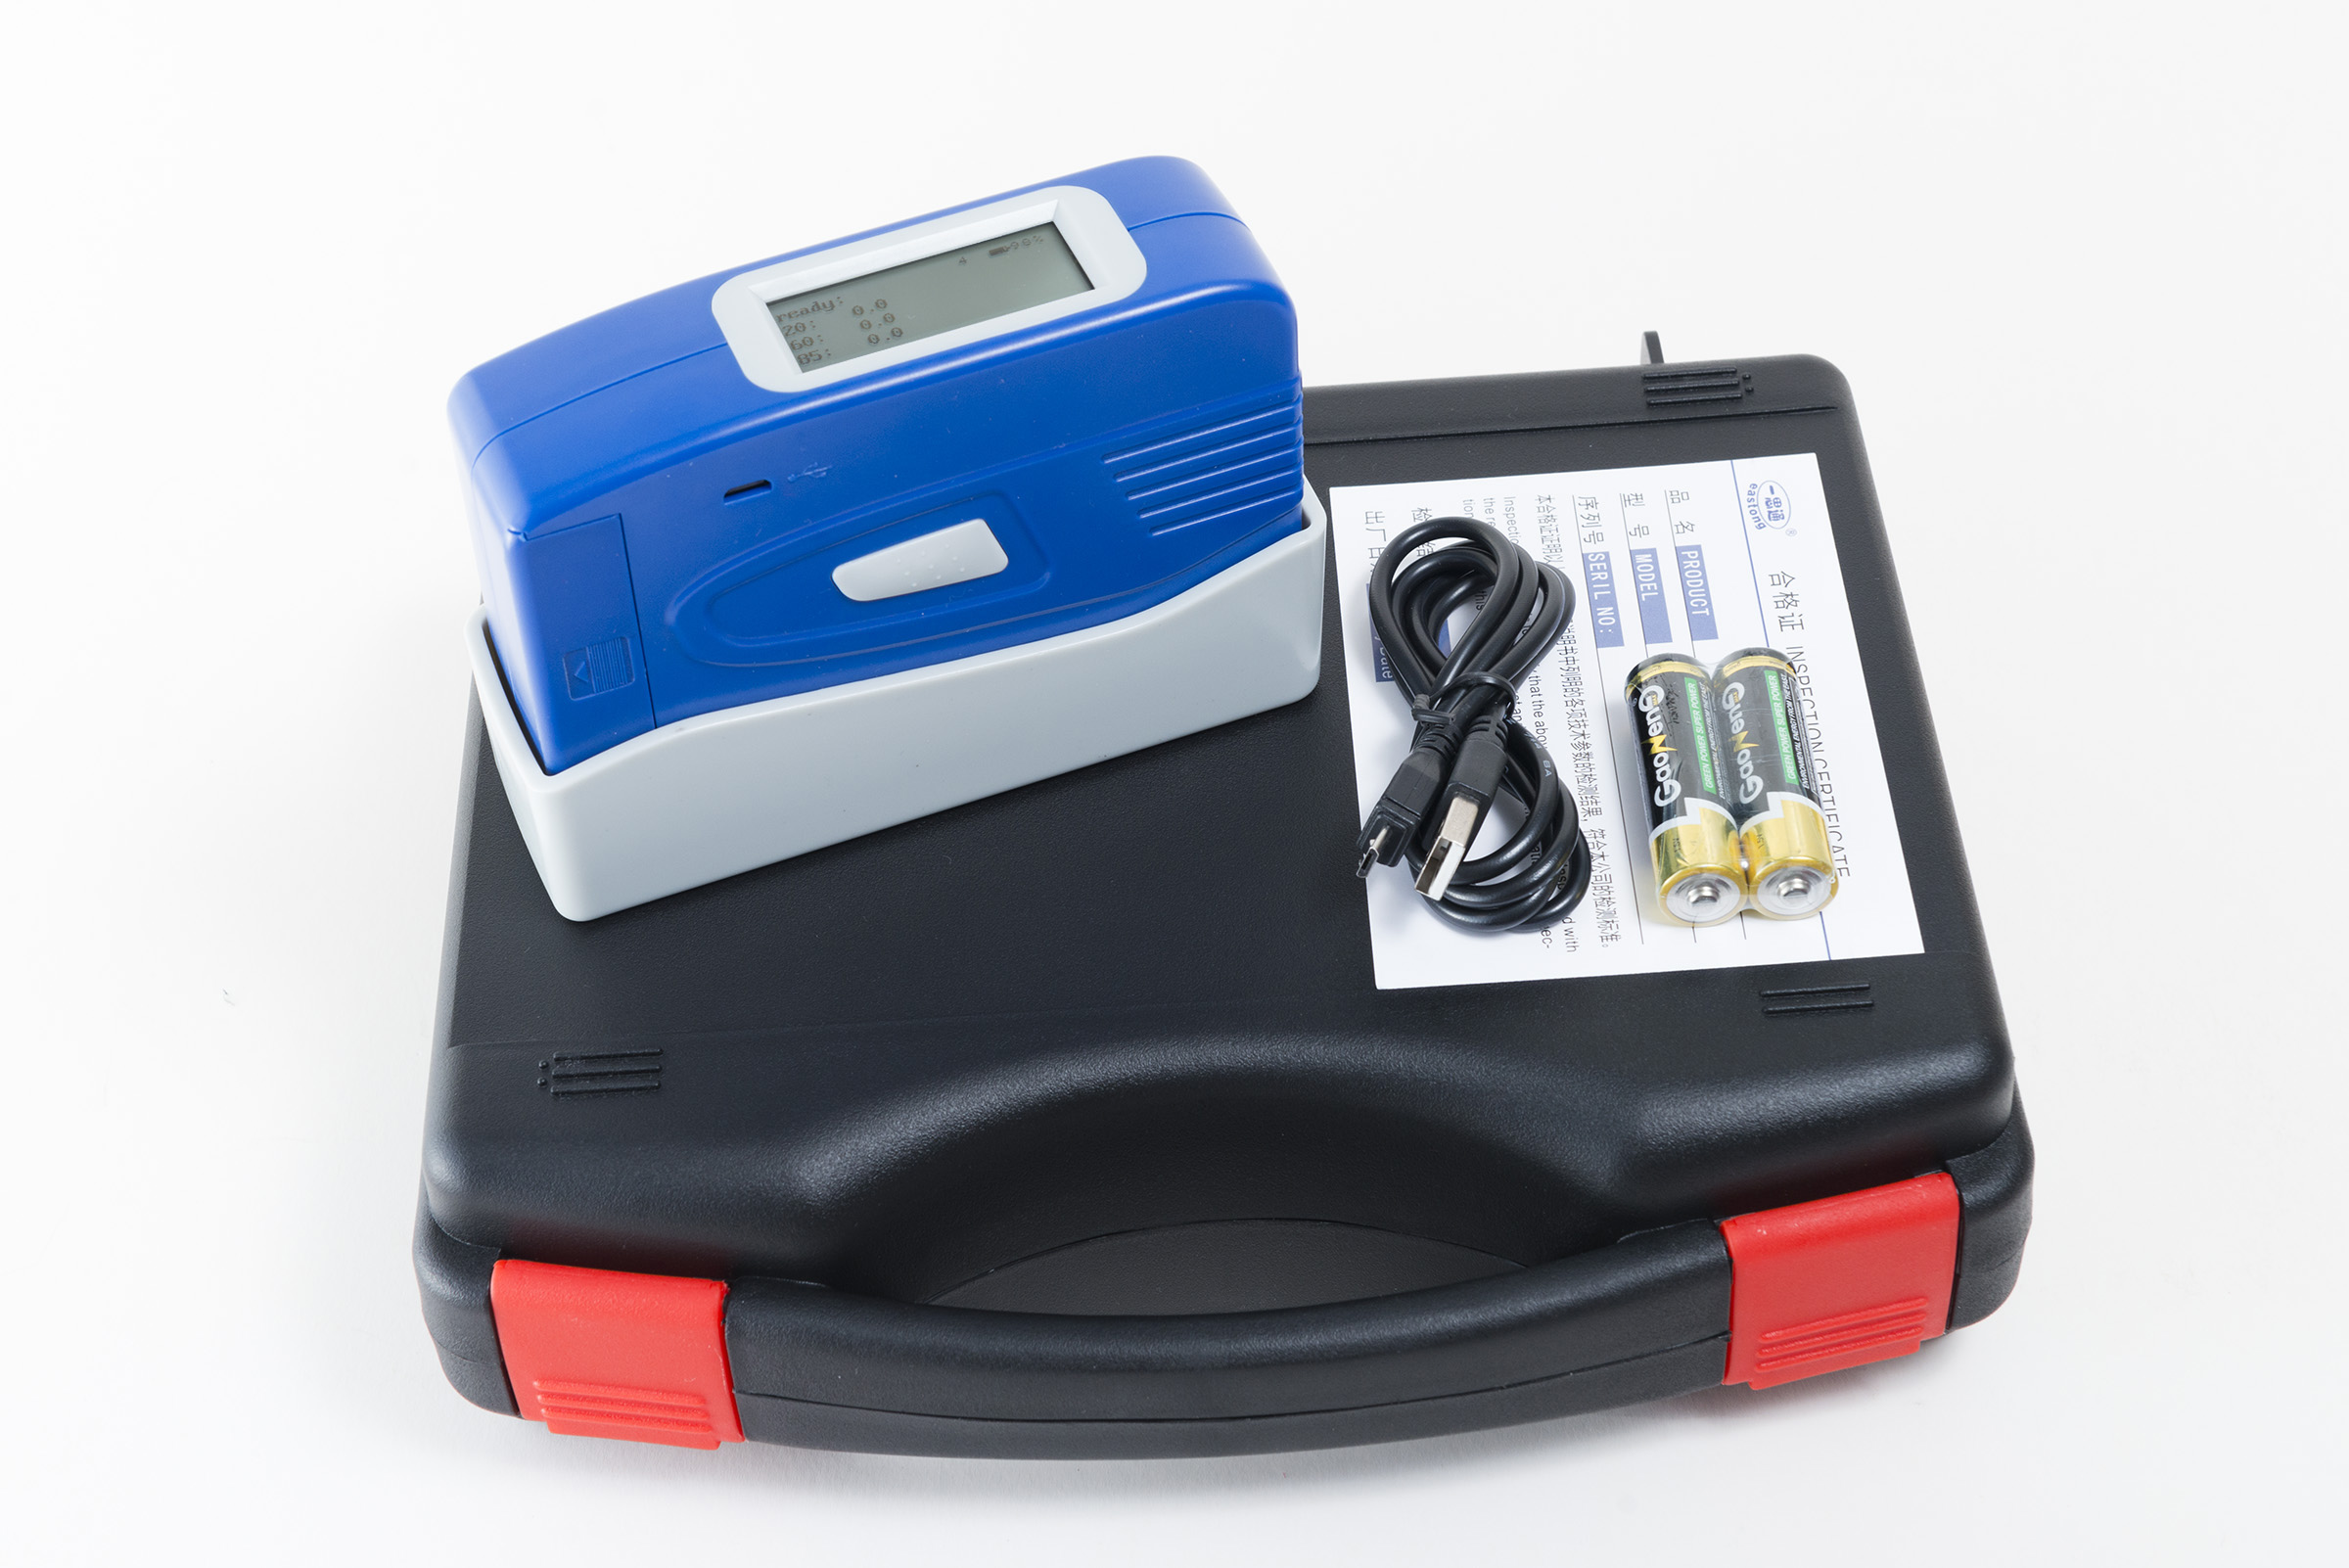 Gloss Meter,เครื่องทดสอบความเงา,สำหรับงานชิ้นเล็ก,ITK-E1783,ITK-E1786,เครื่องวัดความมันวาว